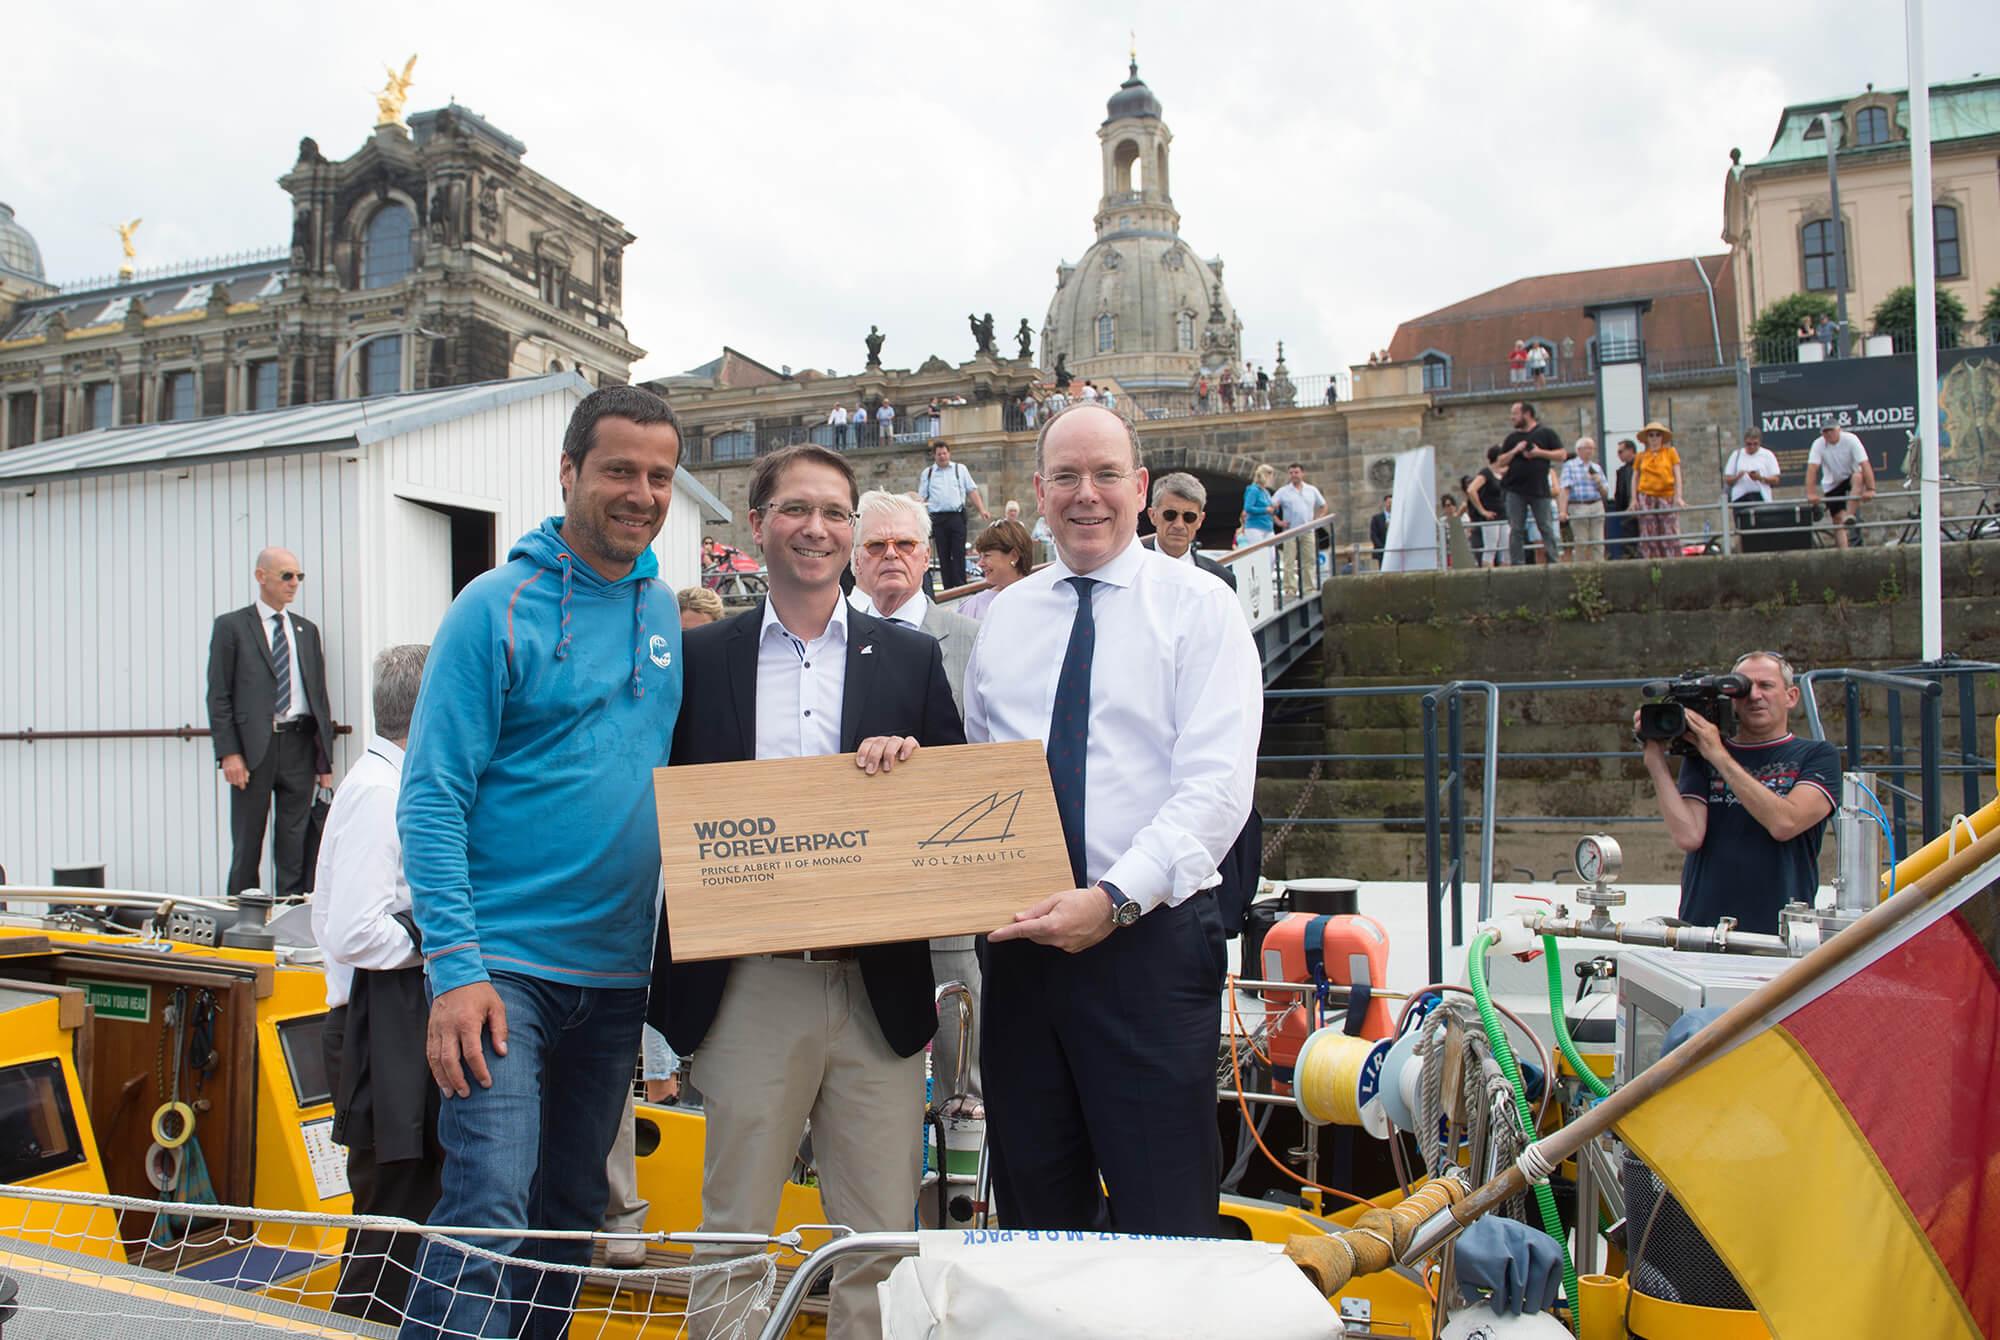 Wood Forever – Pact Wolz Nautic übergibt neues Holzdeck an die Deutsche Meeresstiftung – S.D. Fürst Albert II von Monaco zu Gast